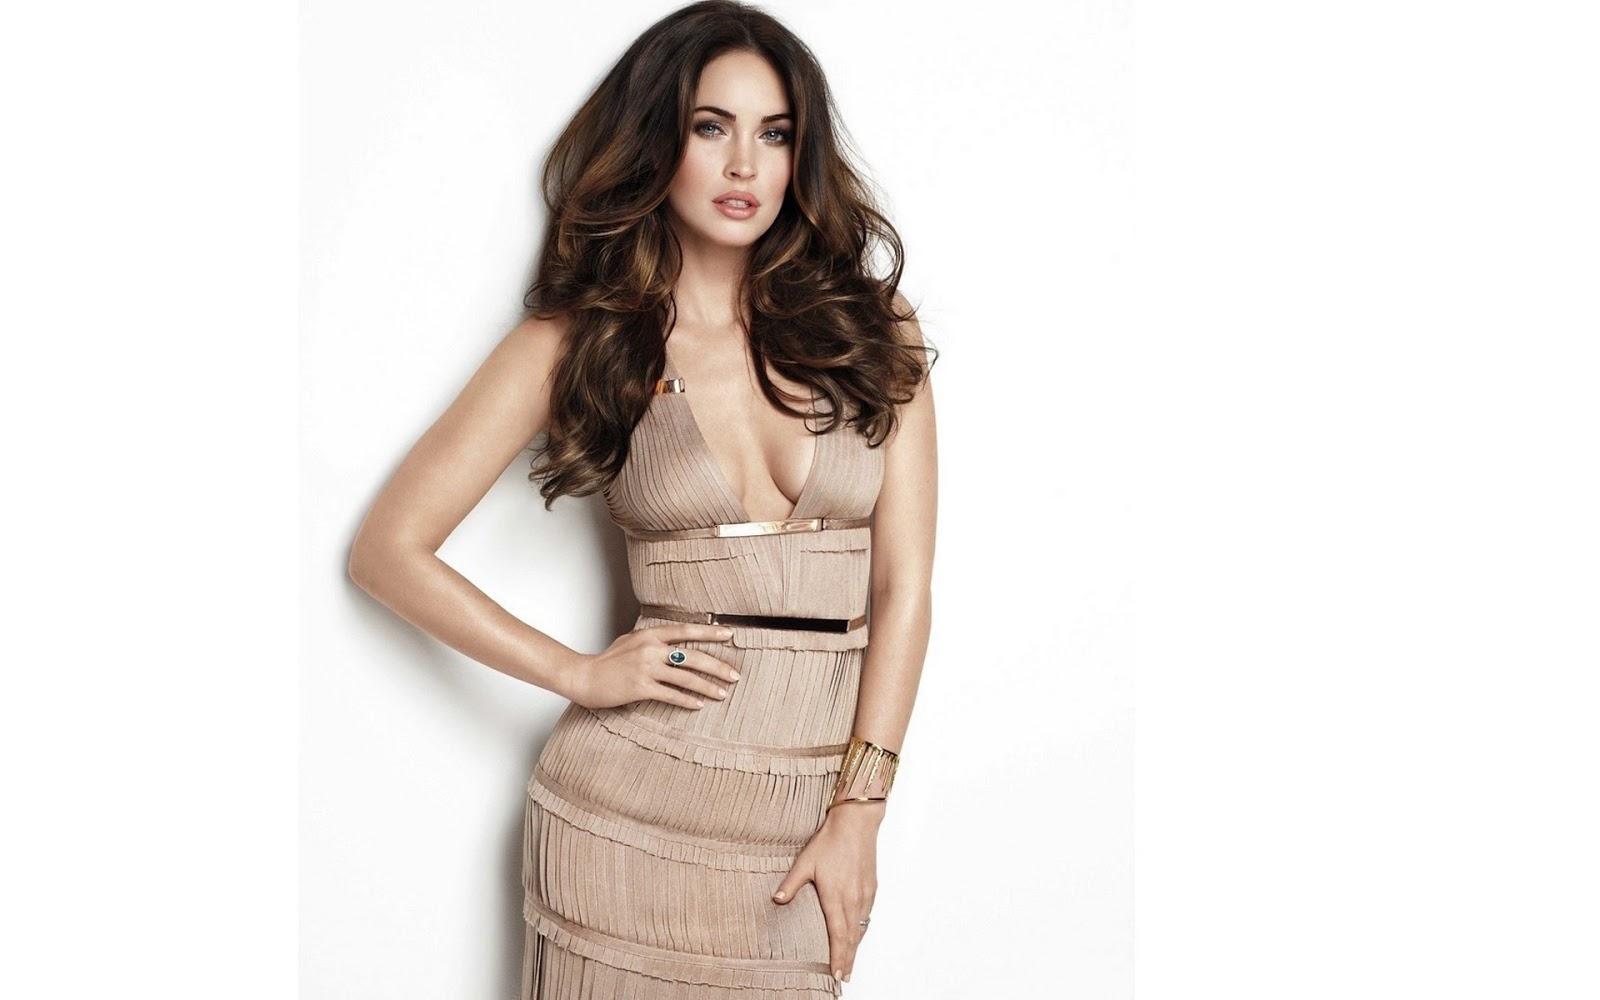 Hot Megan Fox in Beautiful Dress 7